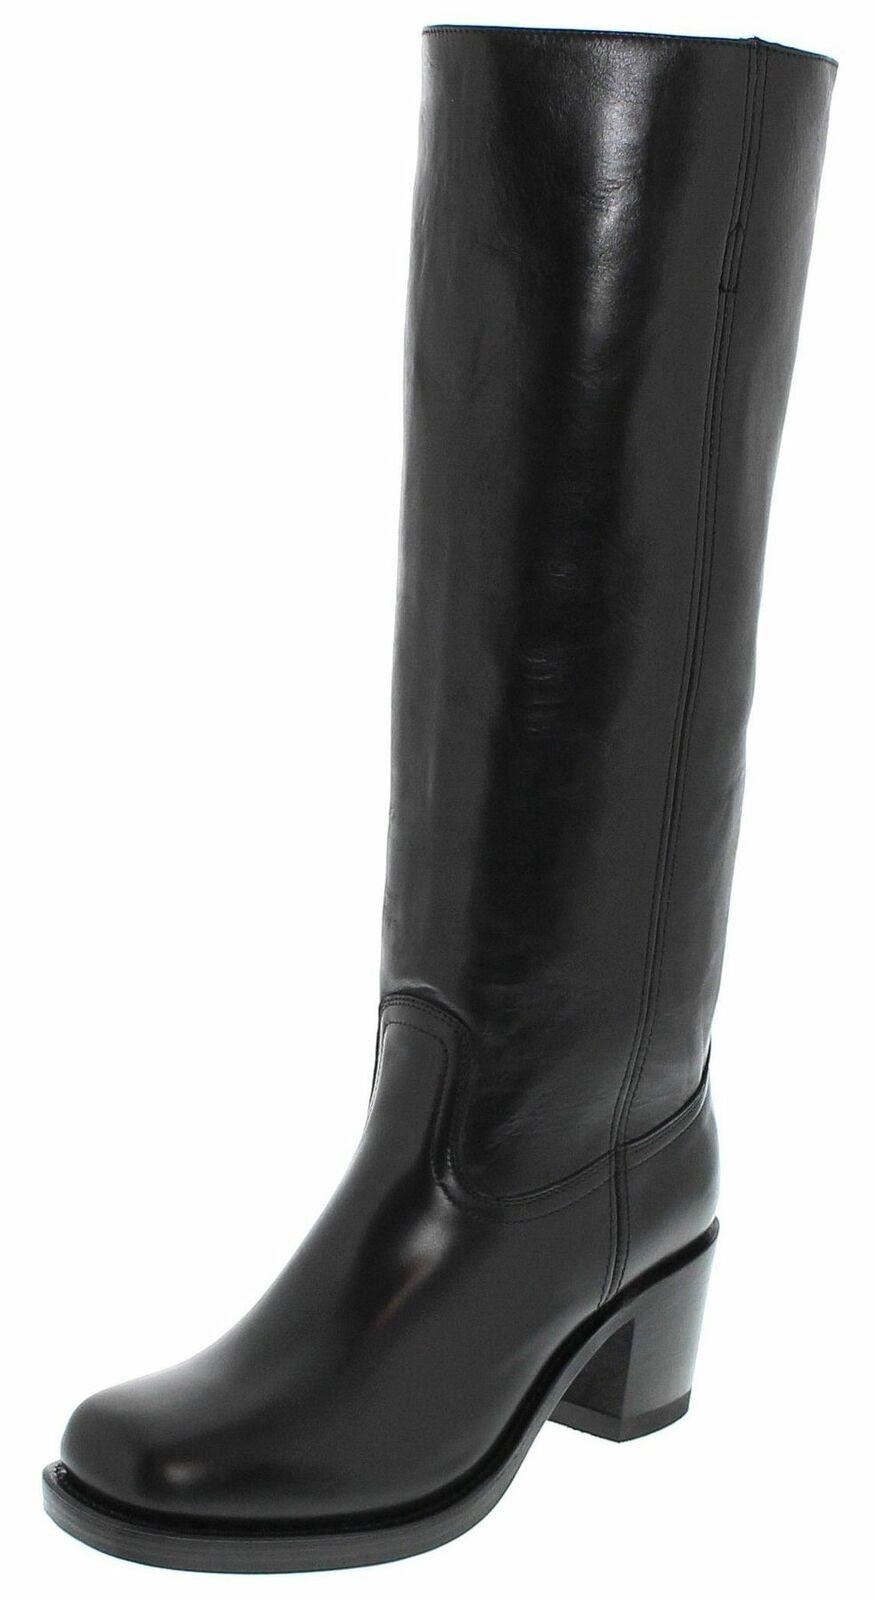 prodotti creativi Sendra stivali 12987 Gracy Gracy Gracy nero Stivali Di Pelle Per Donna Nero Stivali da donna  autorizzazione ufficiale